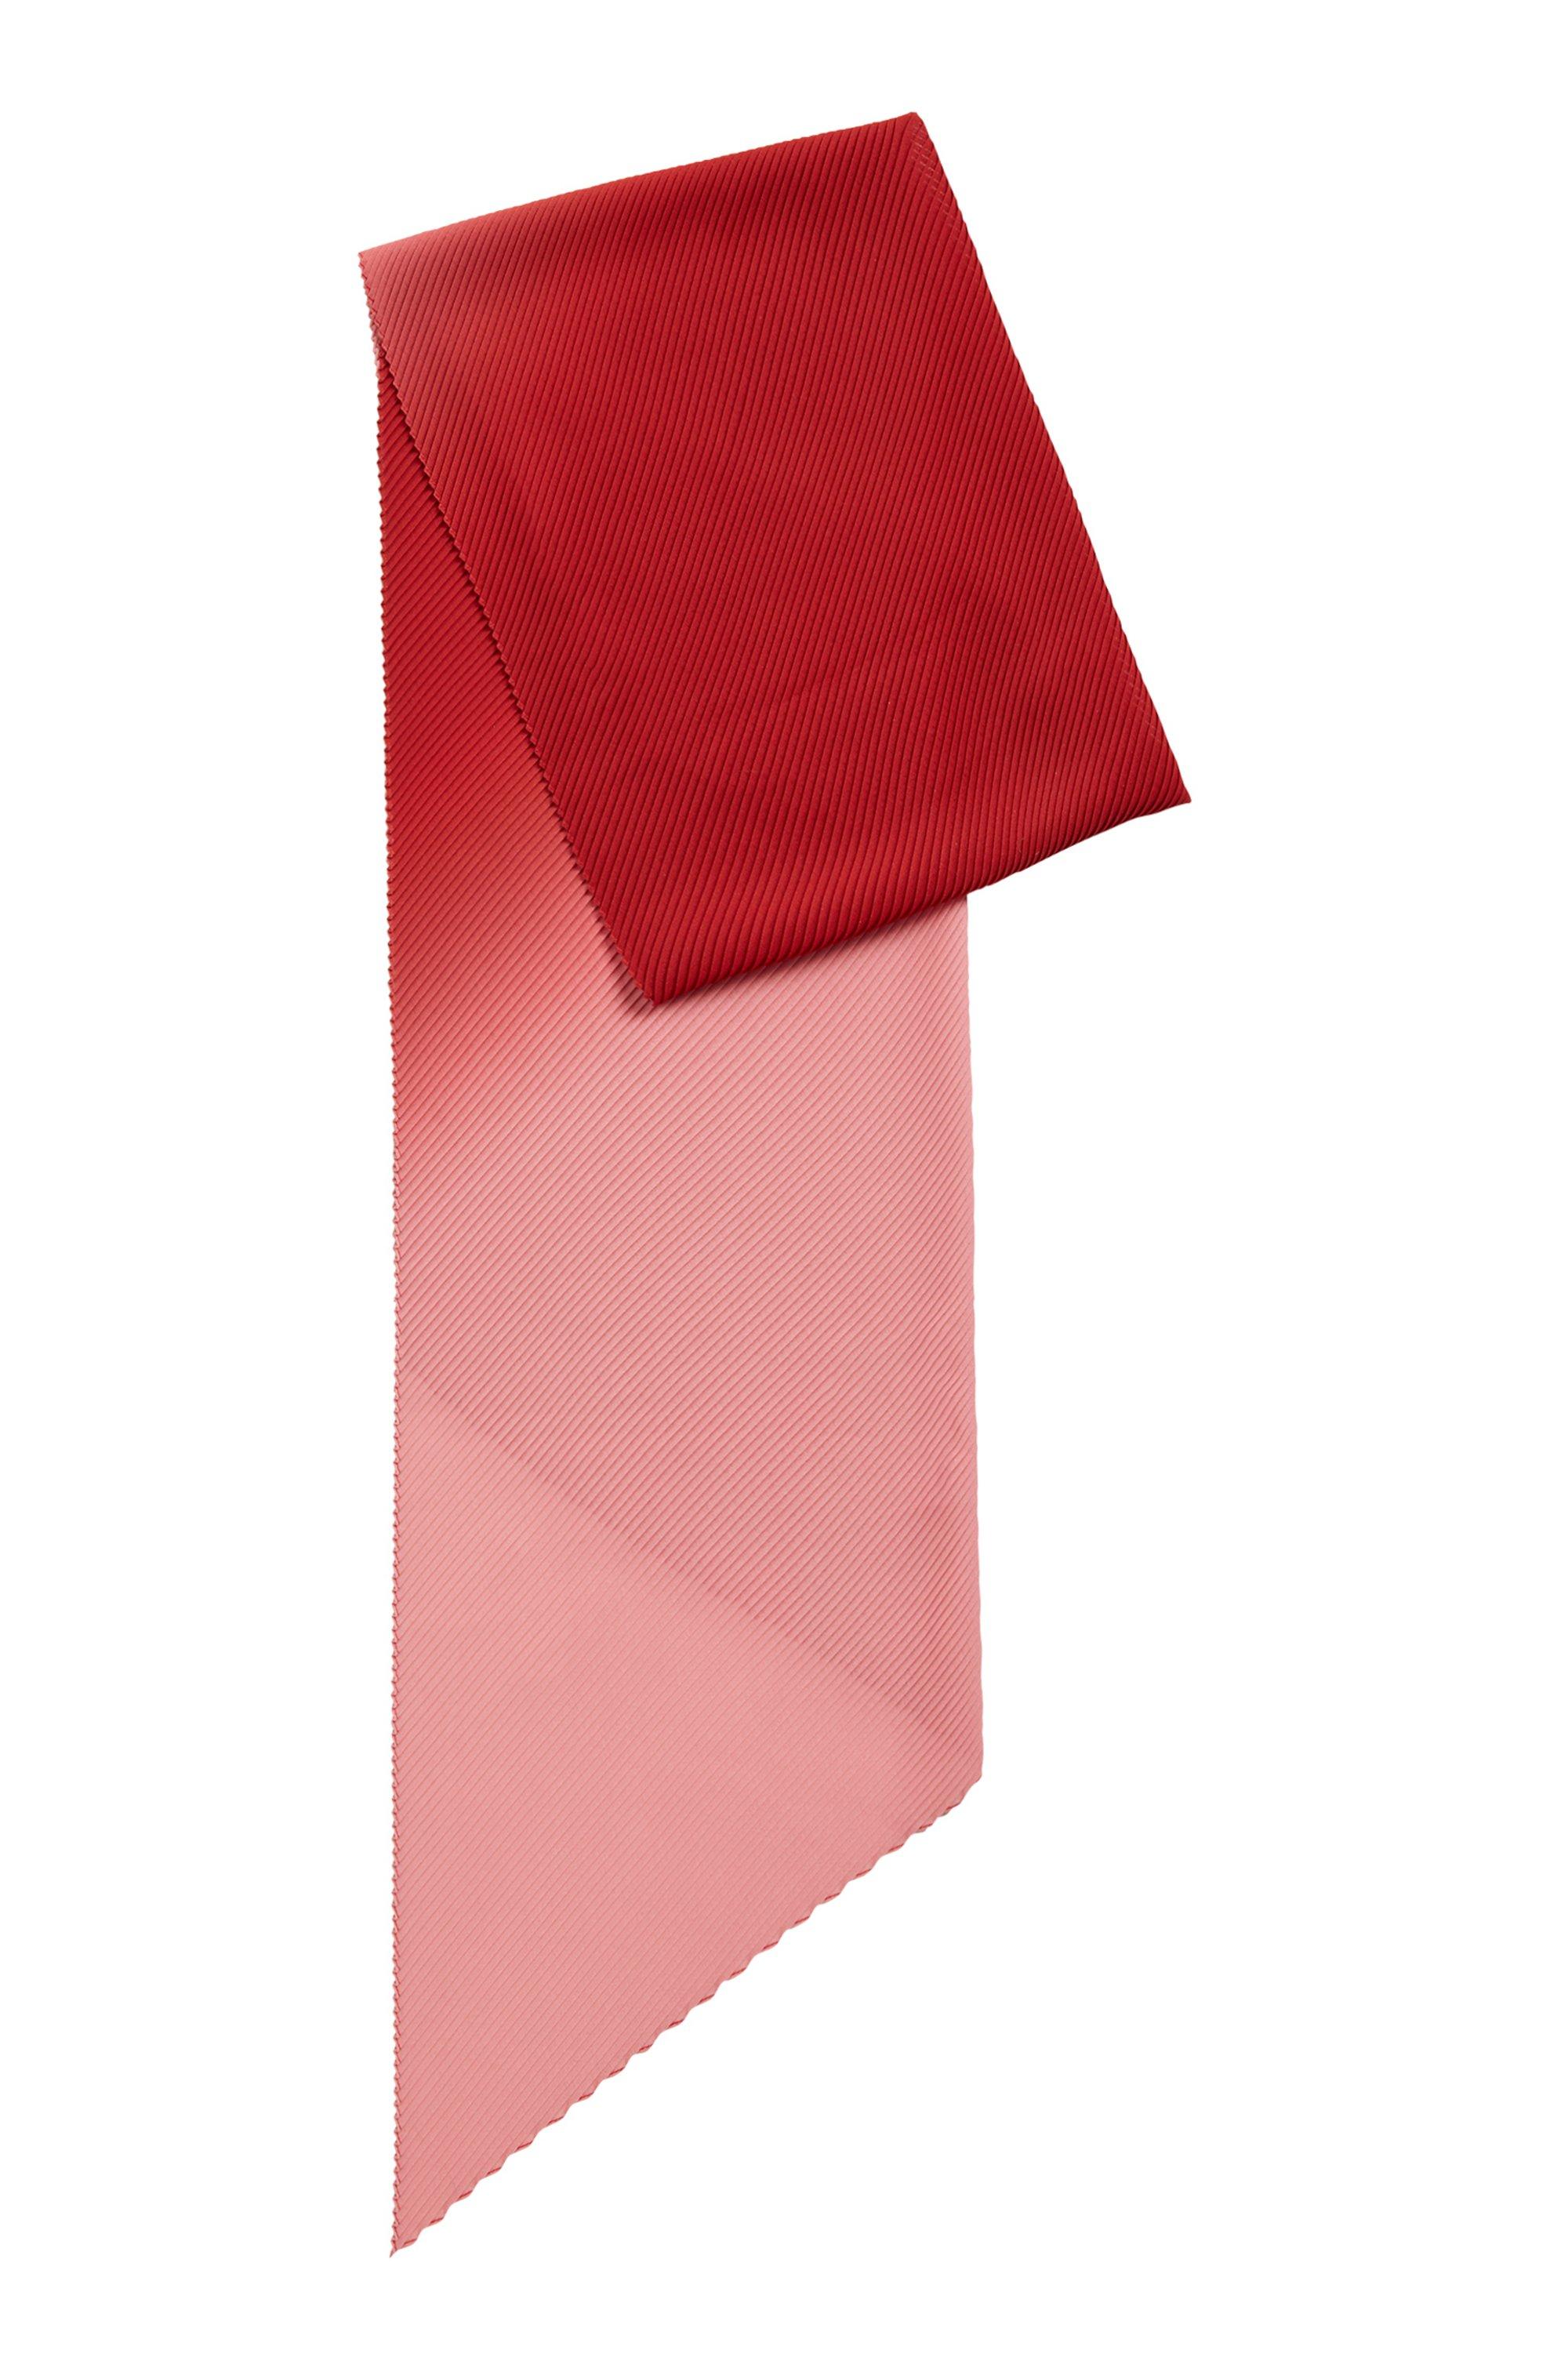 Dégradé scarf with plissé effect, Patterned